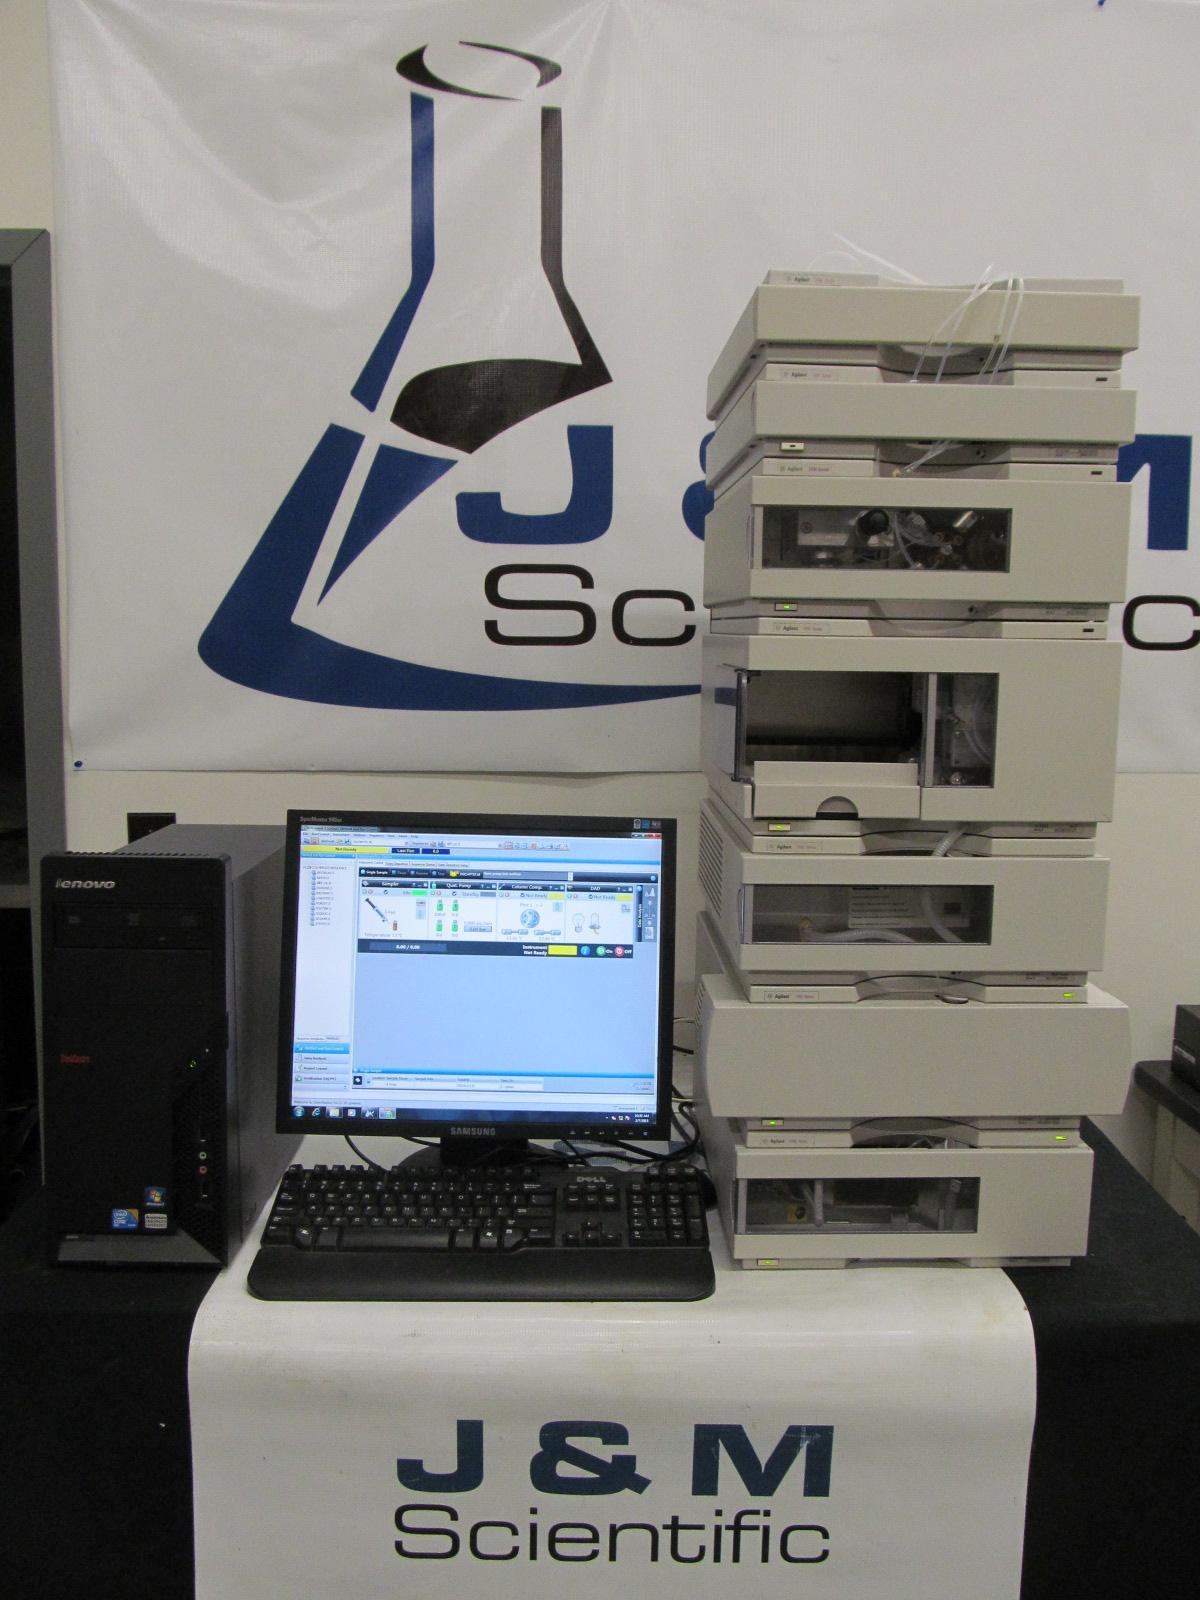 Agilent 1100 Series HPLC Quat - ALS - ALS Therm - Colcom - DAD - Degasser